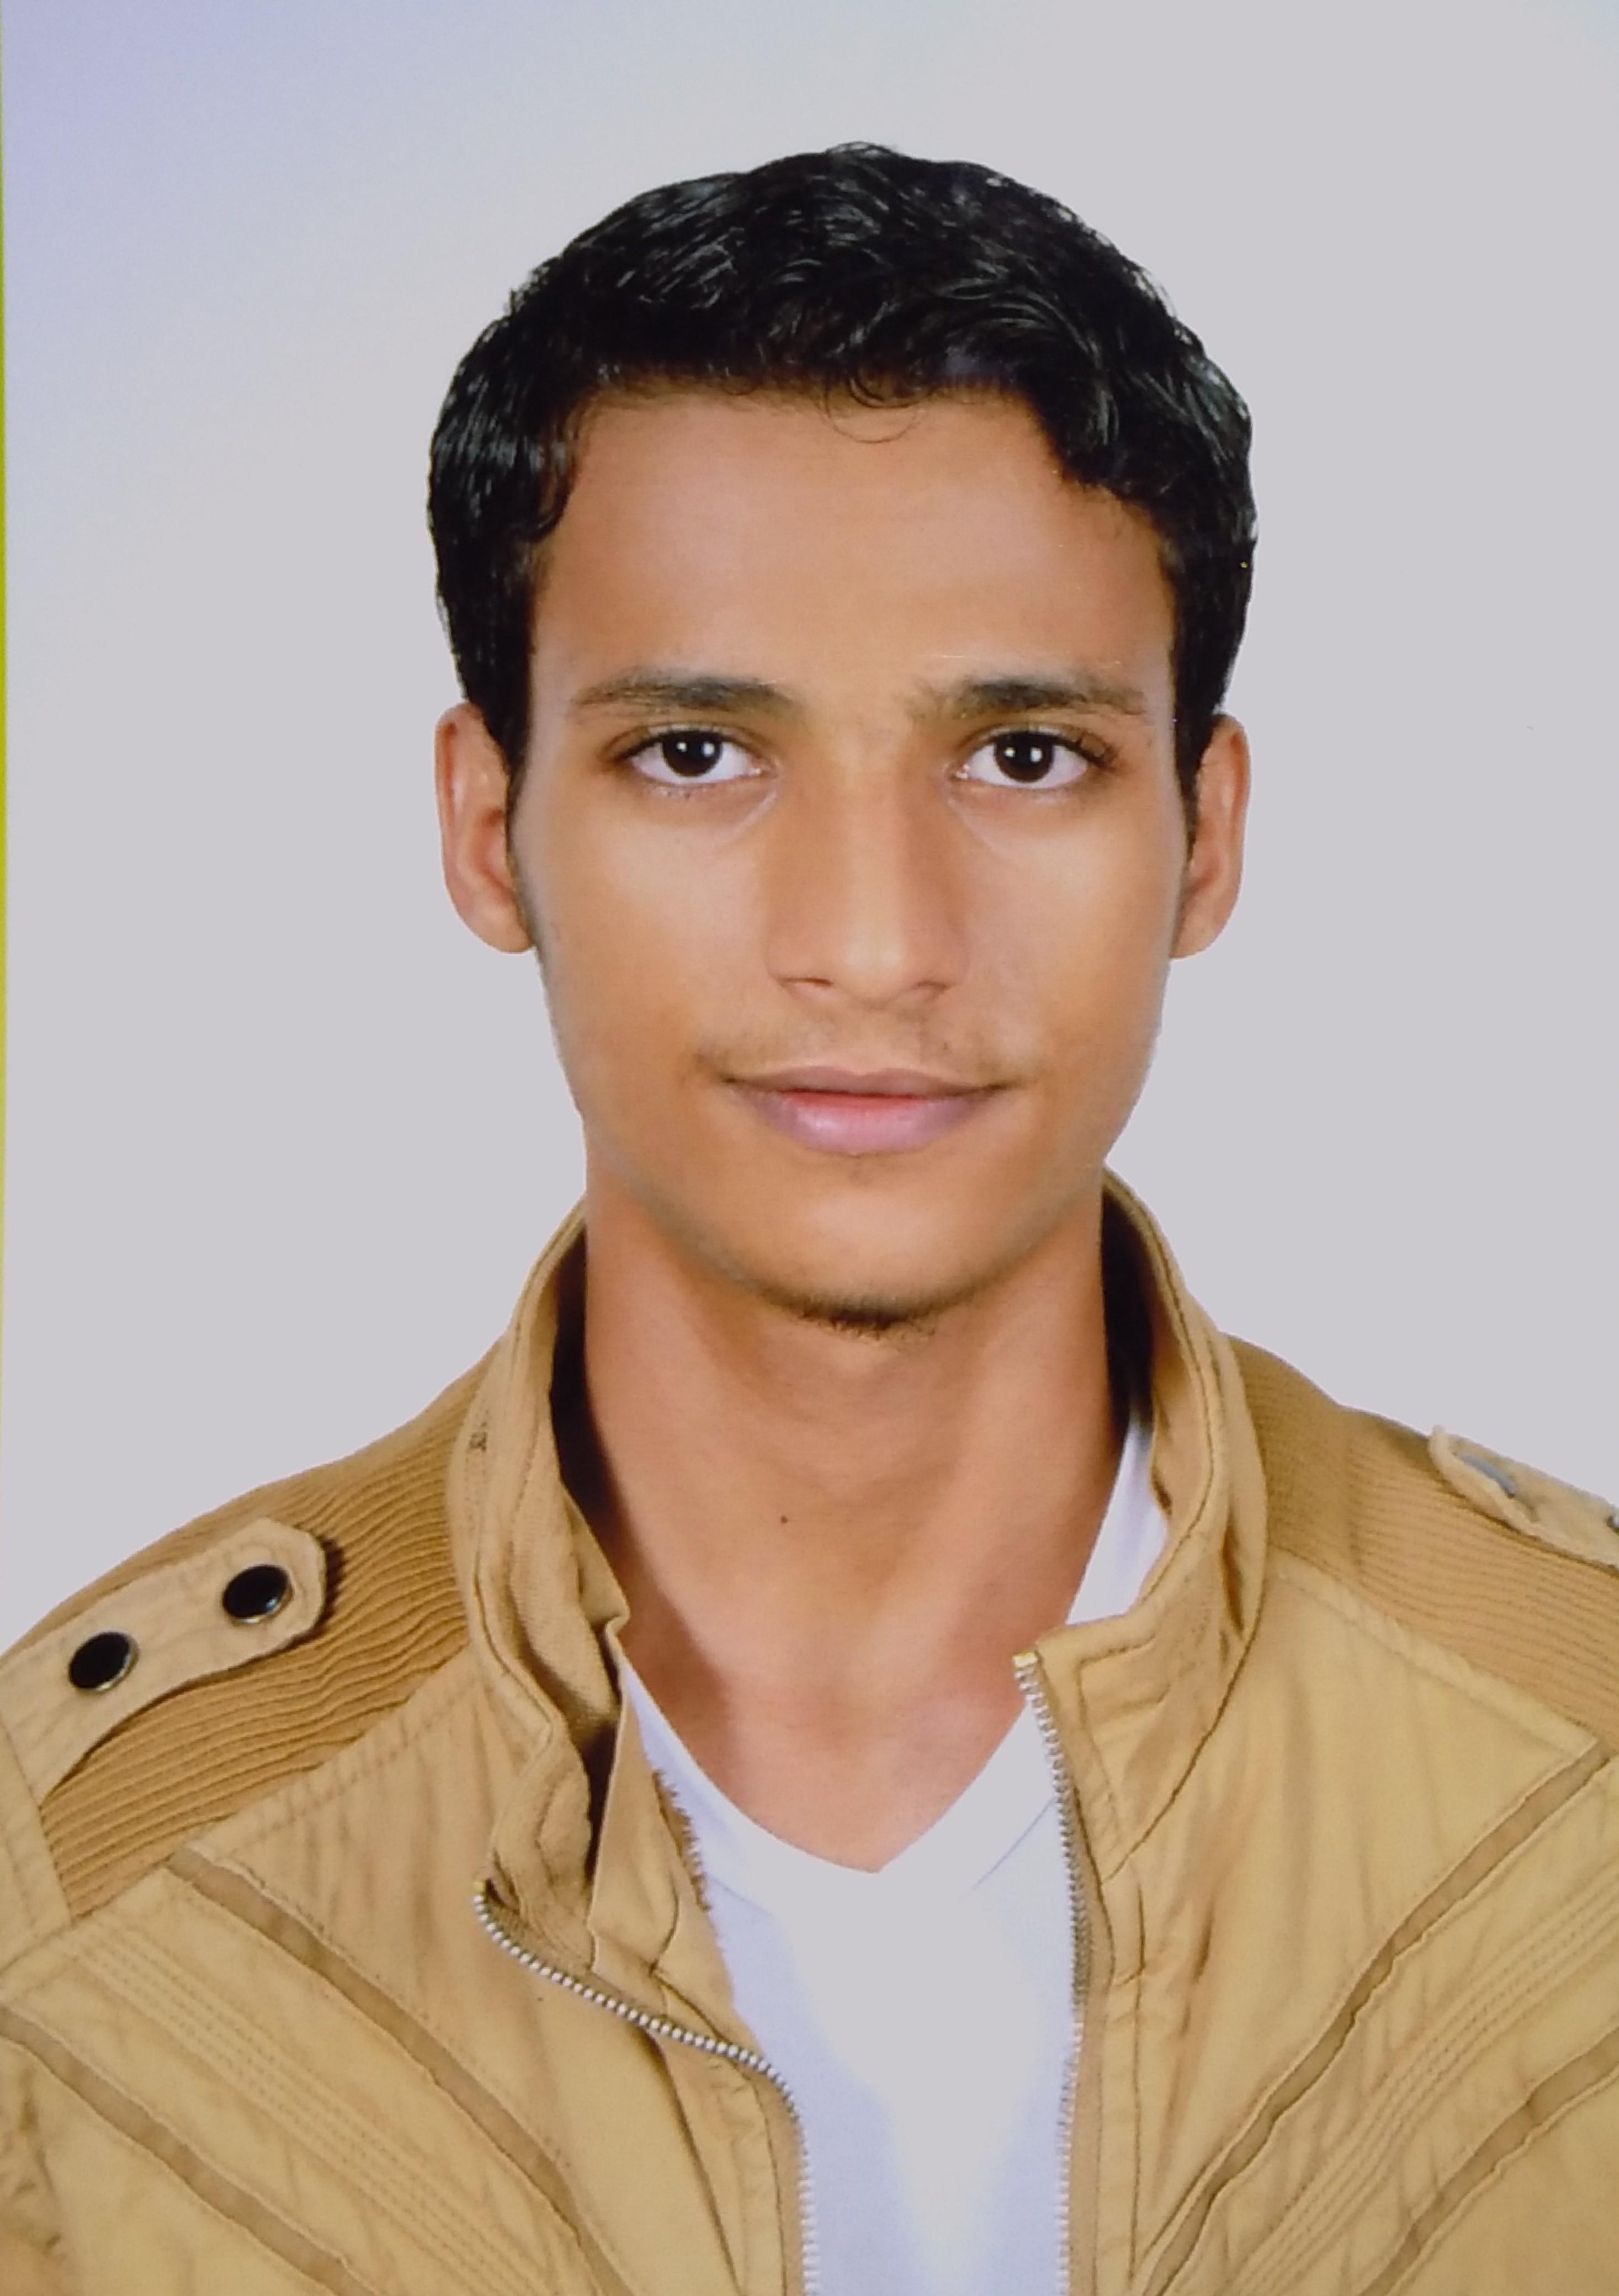 عزام محمدالخادم عبده Profile Picture